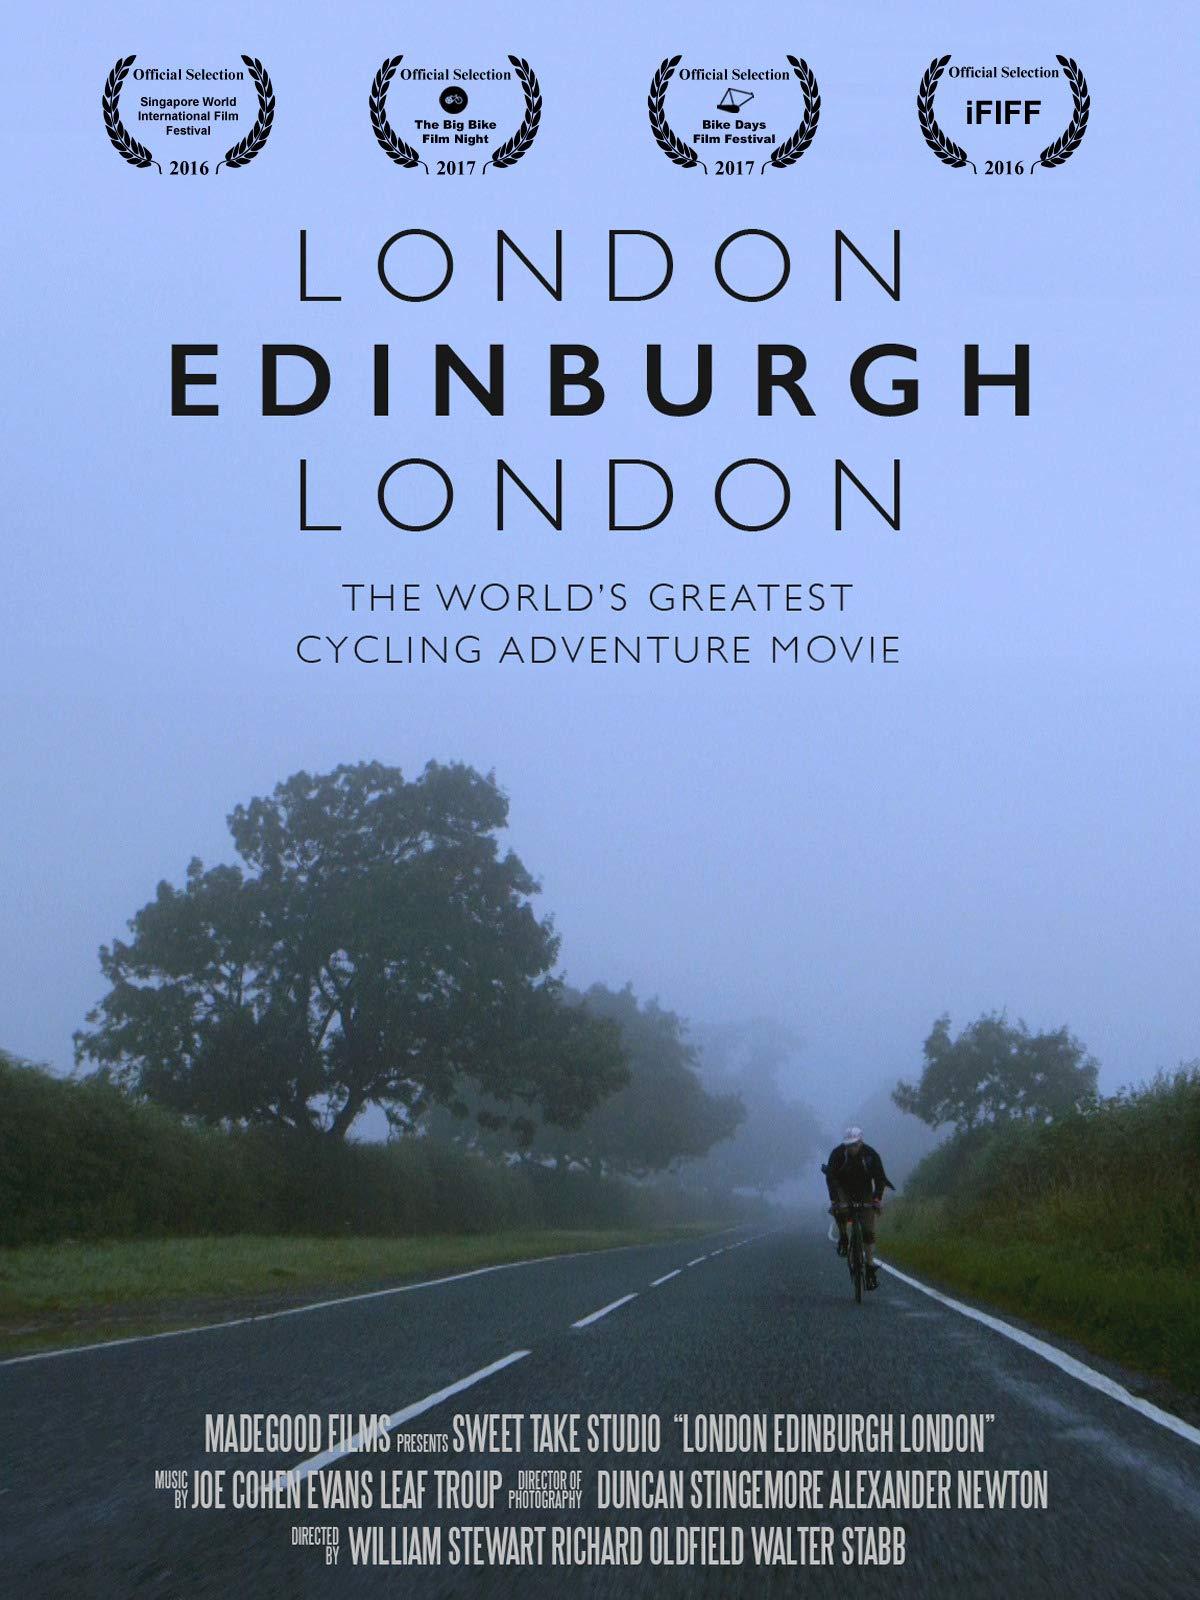 London Edinburgh London on Amazon Prime Video UK